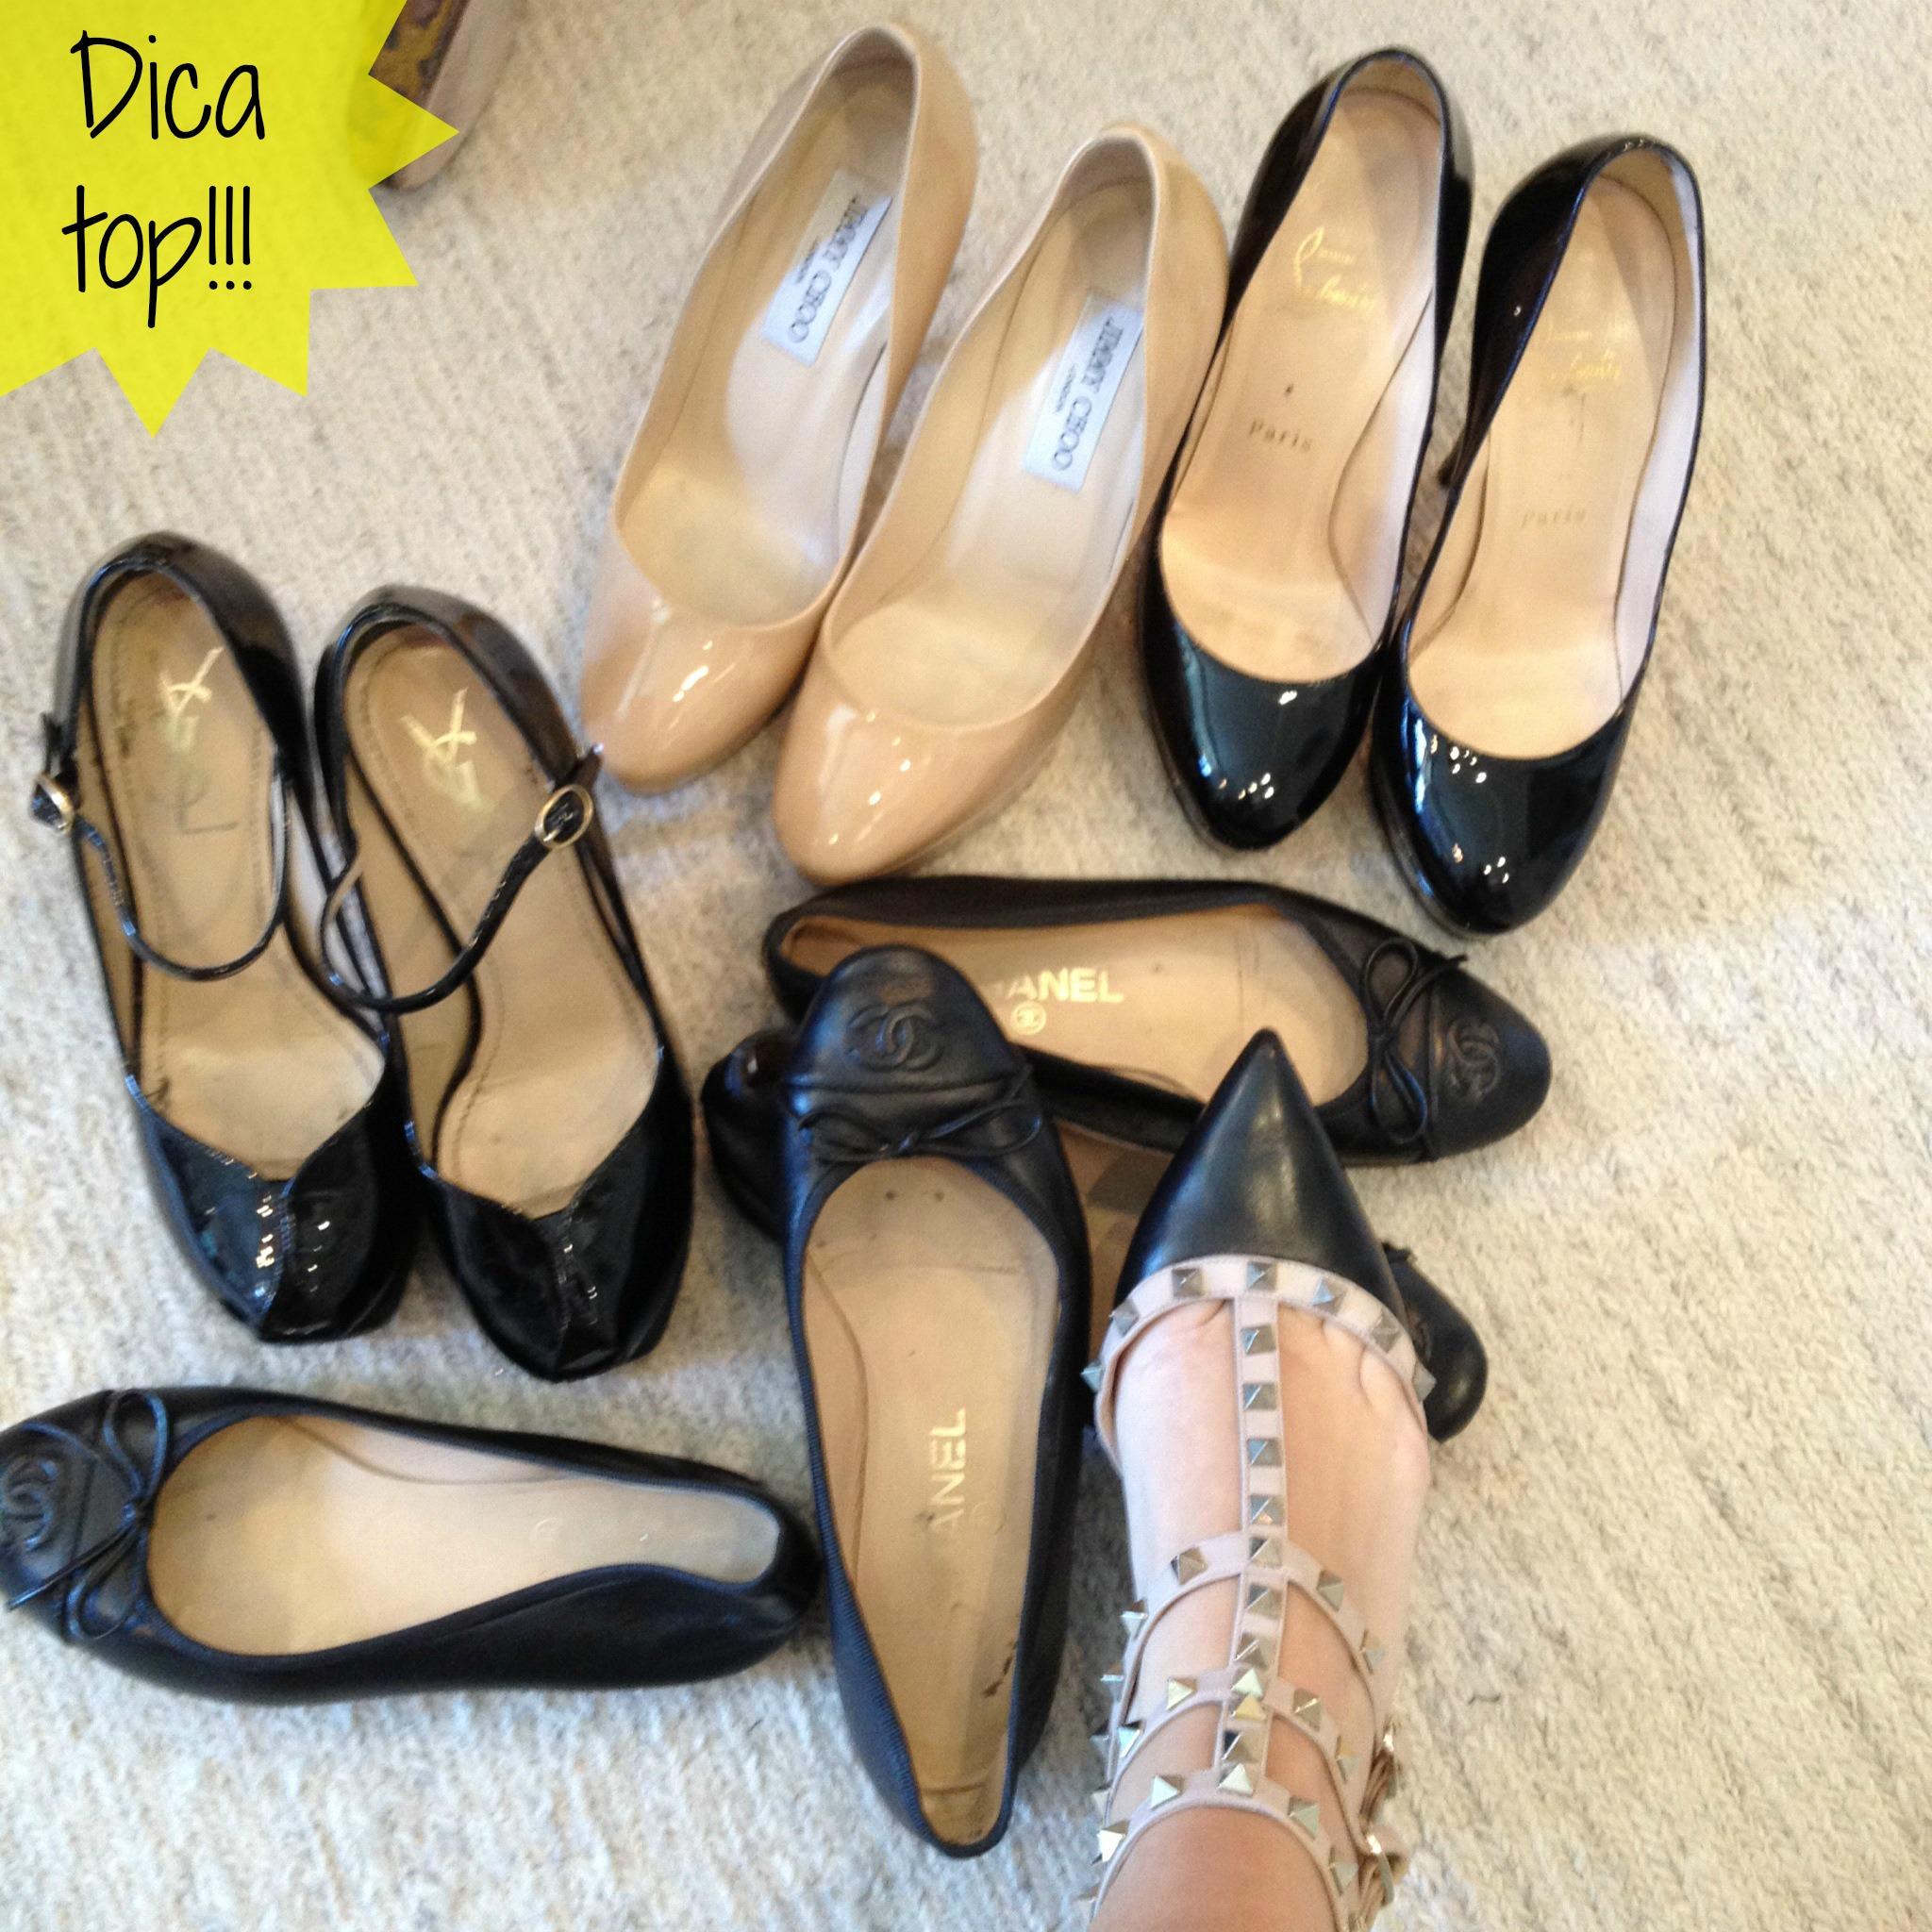 Onde-consertar-sapatos-?Lari-Duarte-.com-Blog-da-Lari-Sapataria-do-Futuro